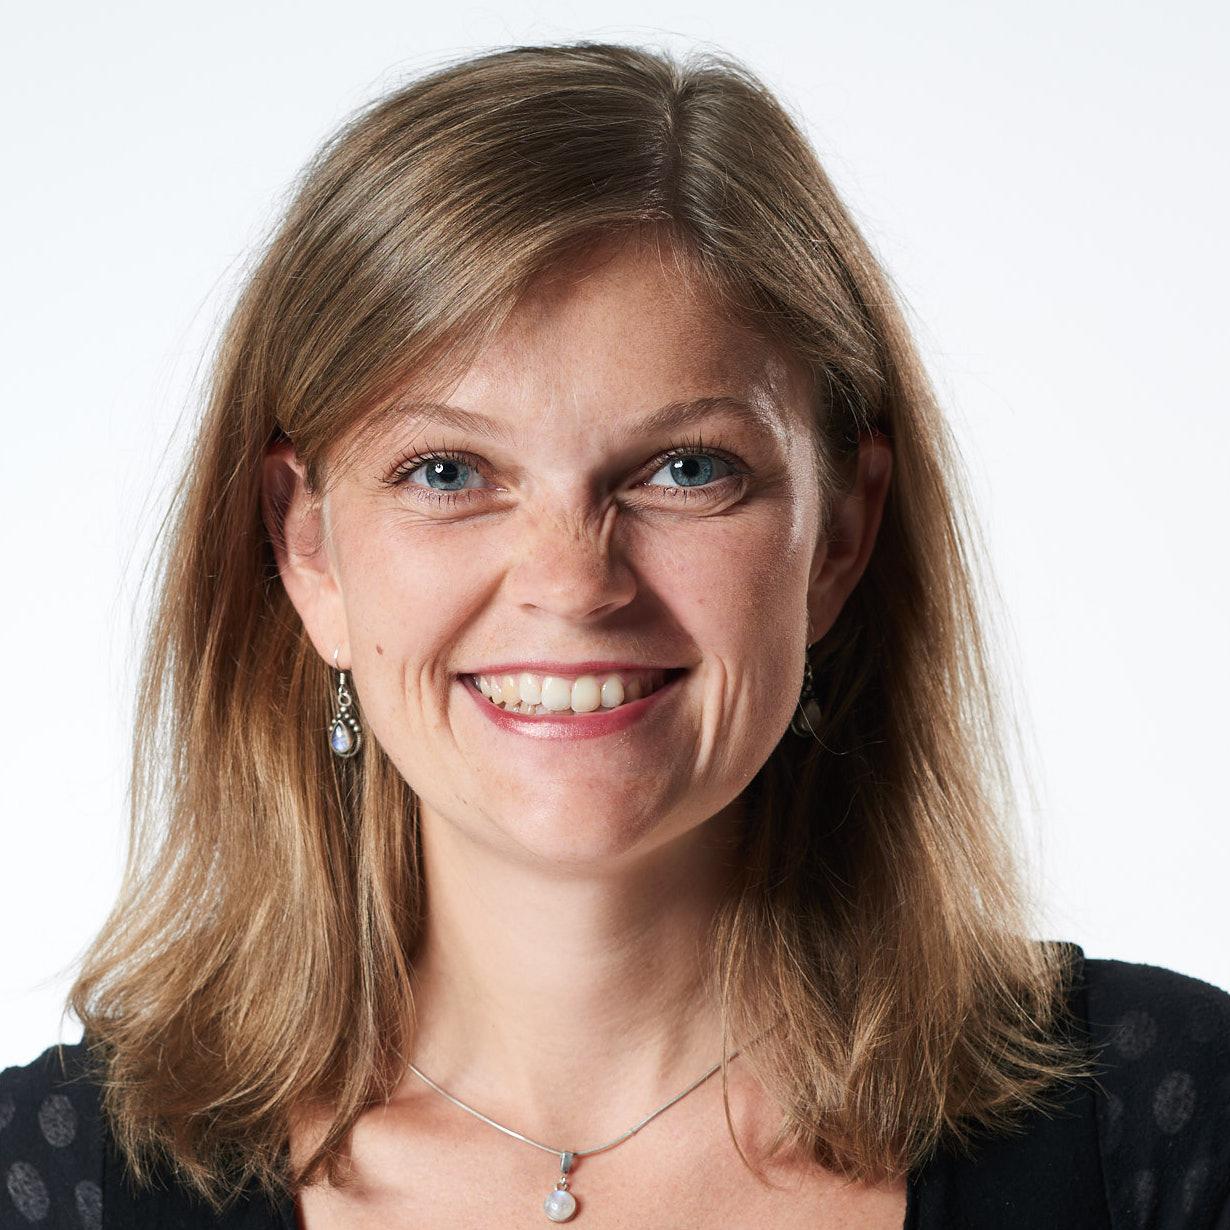 Caroline Schneider